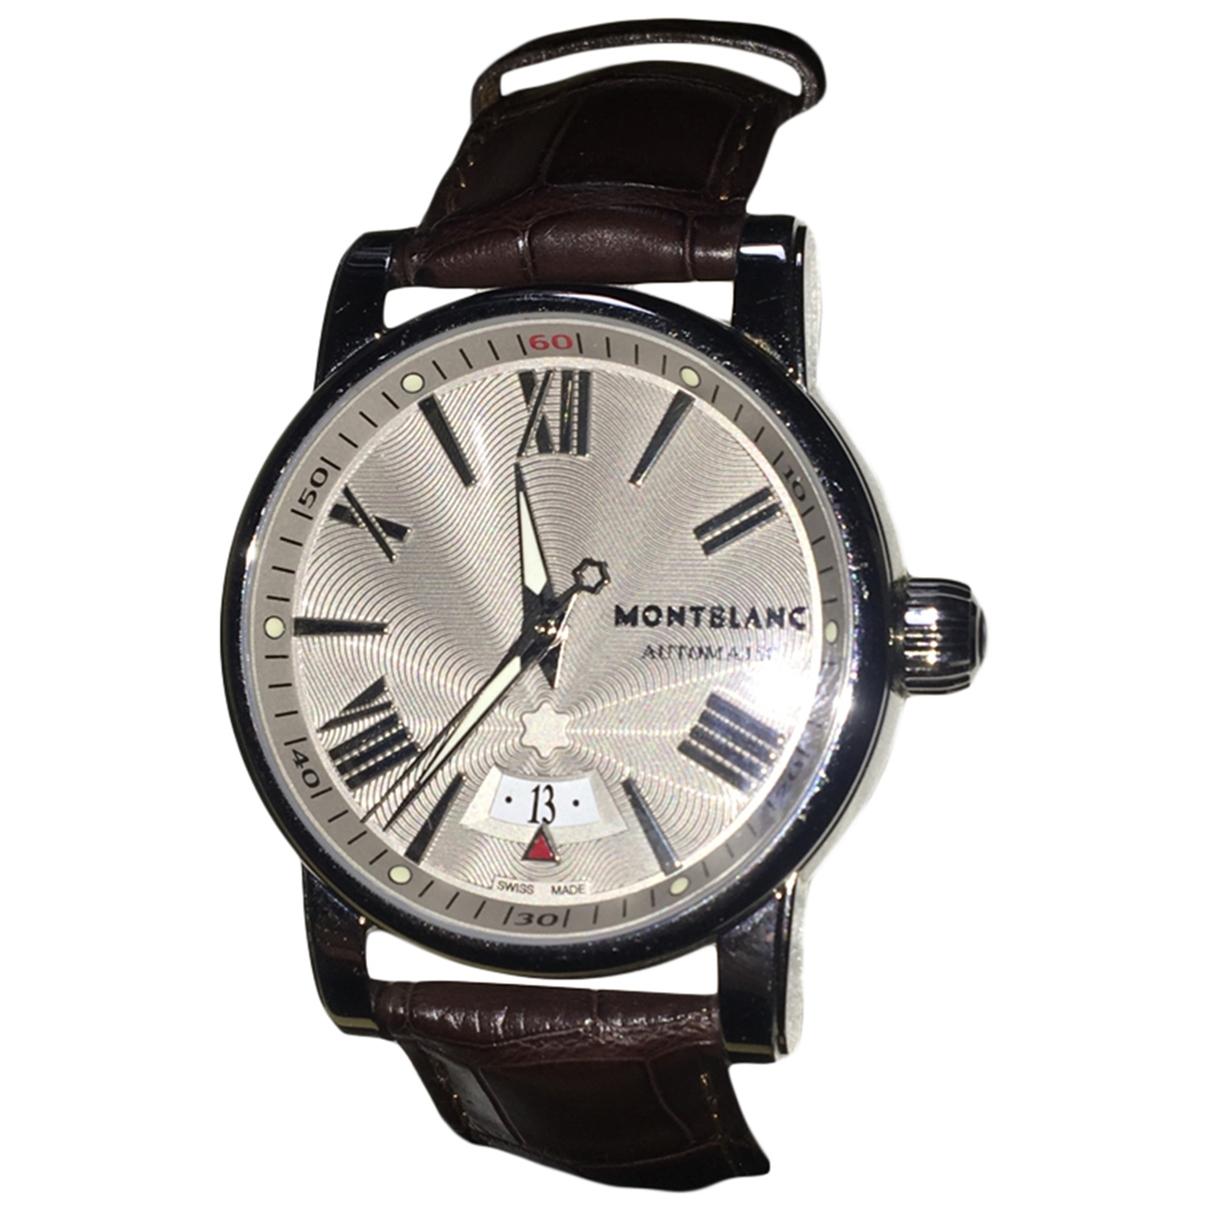 Relojes Star 4810 Montblanc